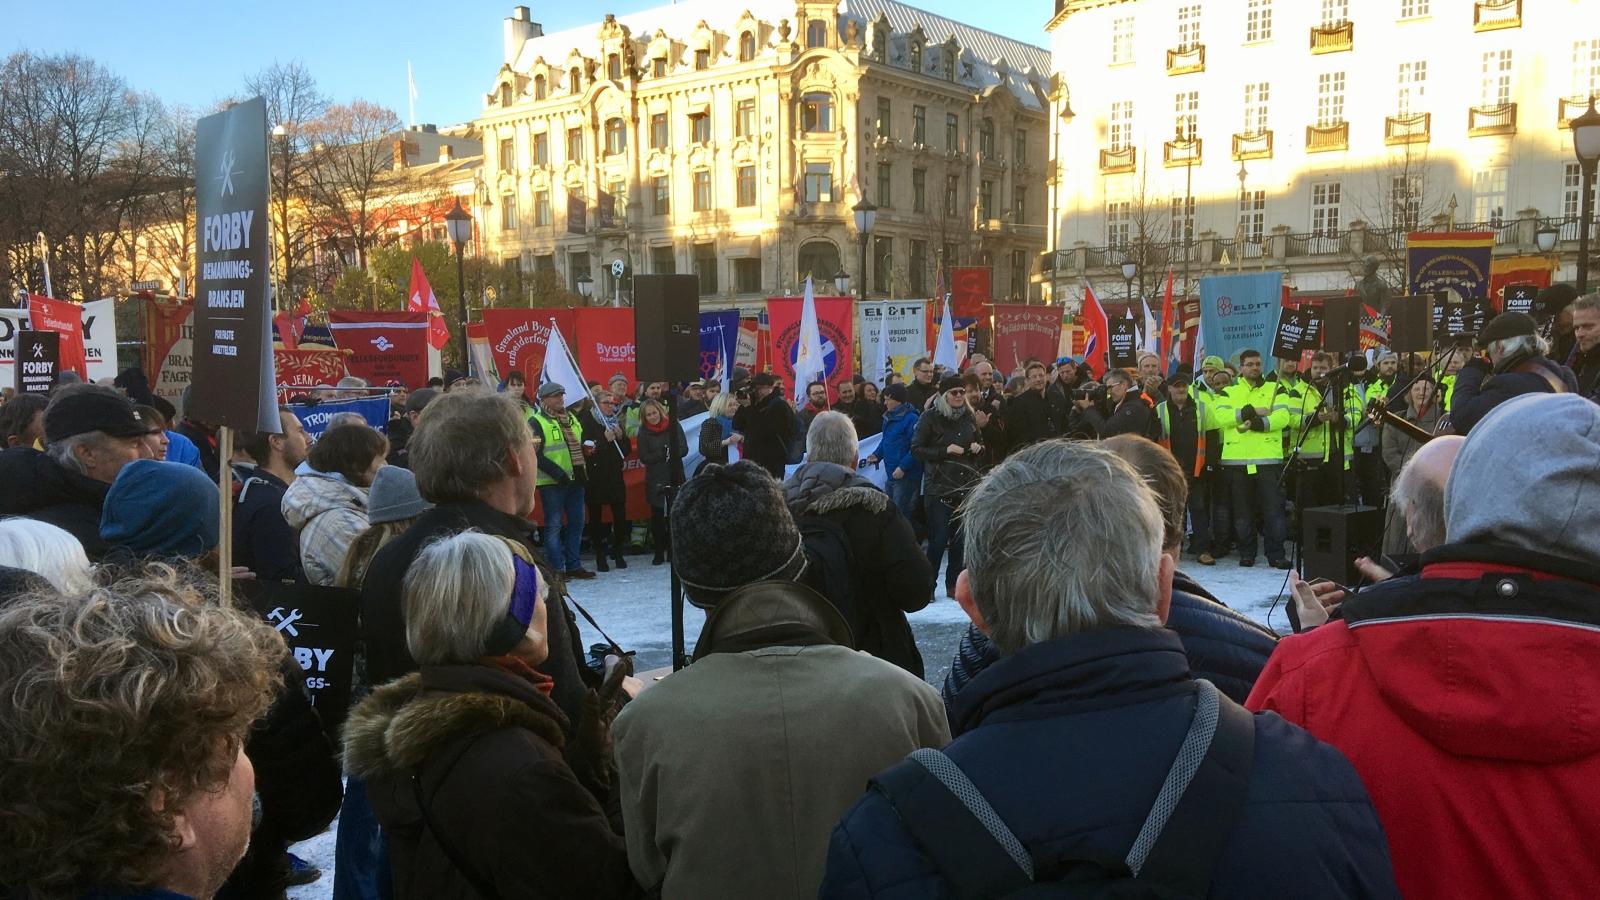 Streik mot bemanningsbransjen 15. november 2017. EØS, vikarbyrådirektivet og arbeidslivet var viktige tema.